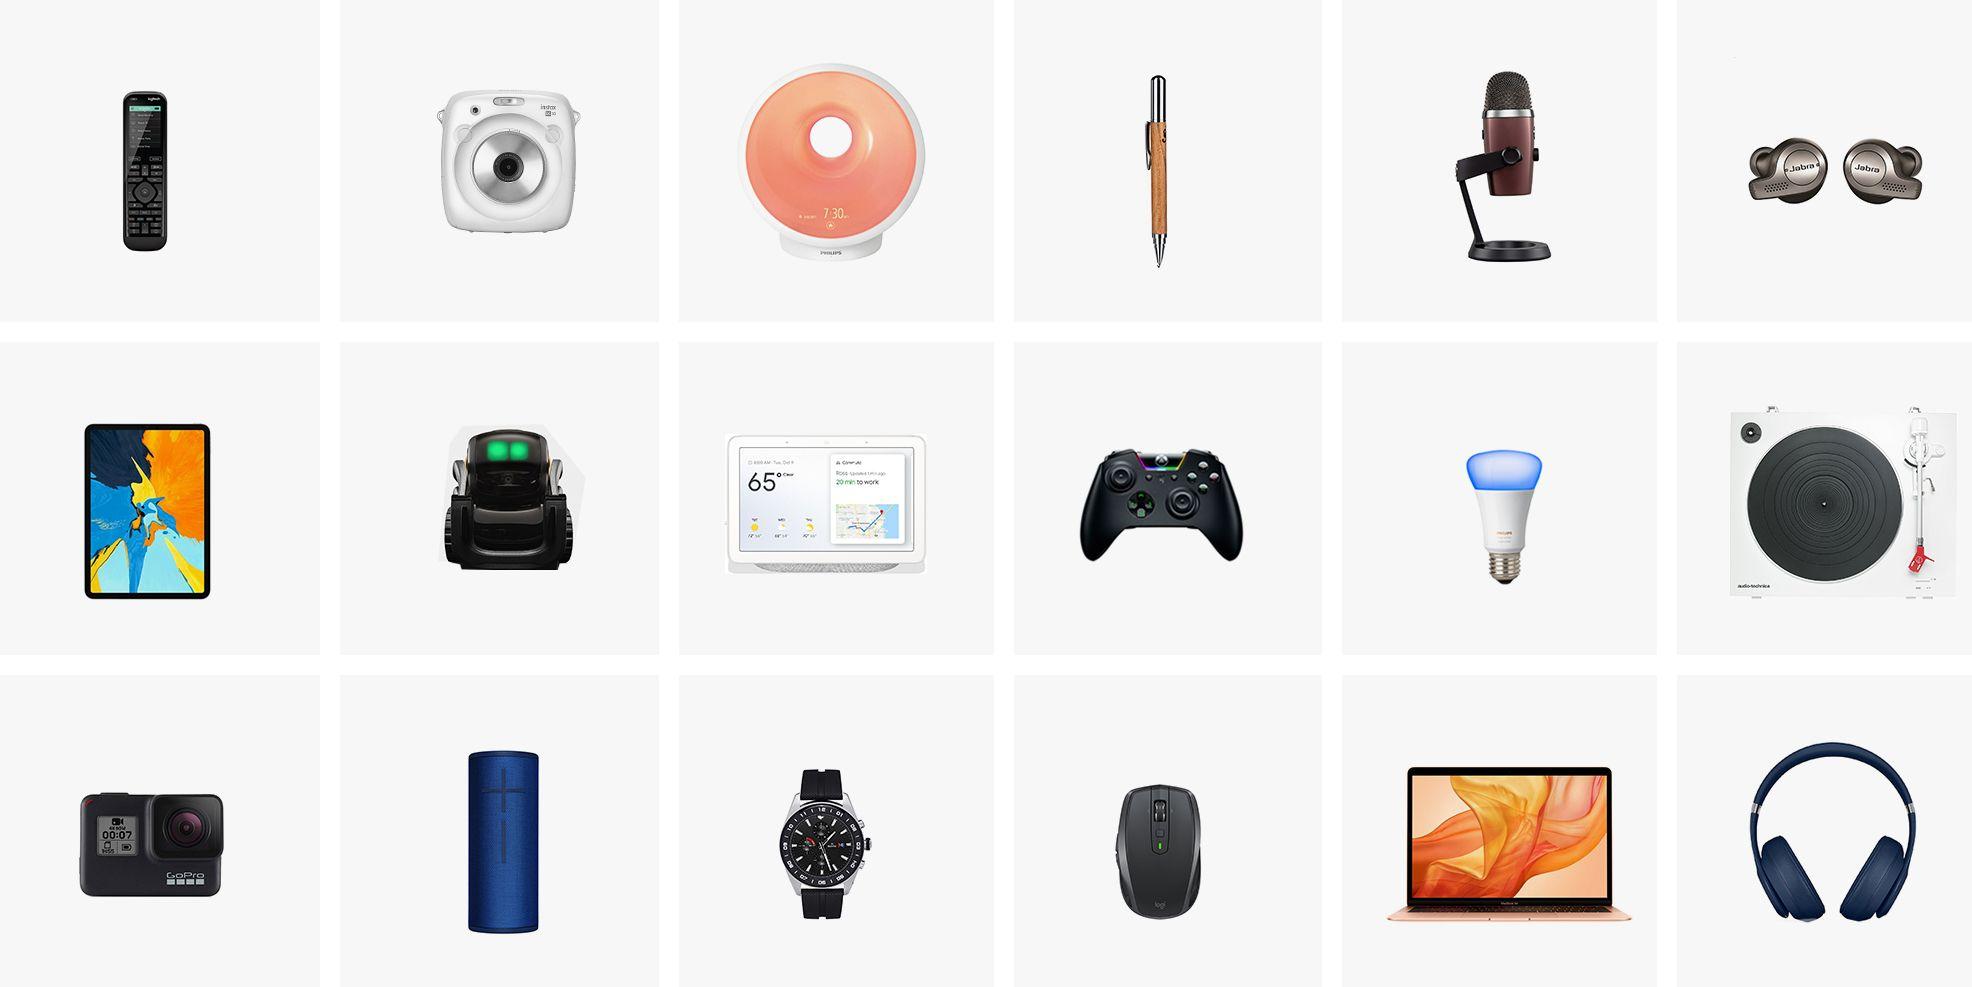 coolest tech gadgets 2018